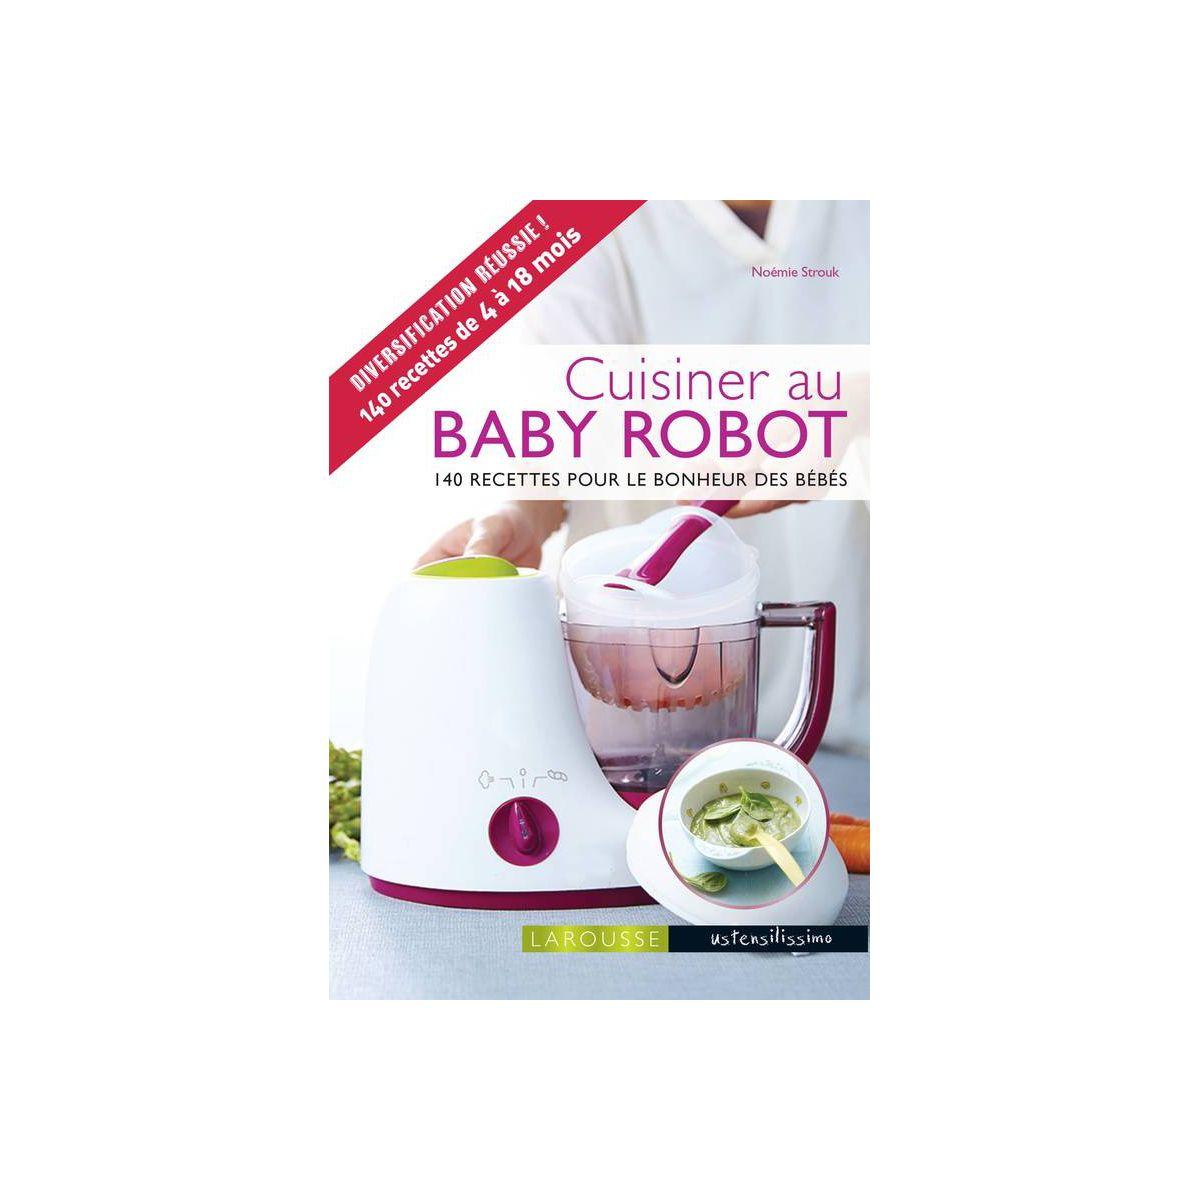 Livre LAROUSSE Cuisiner au baby robot (photo)